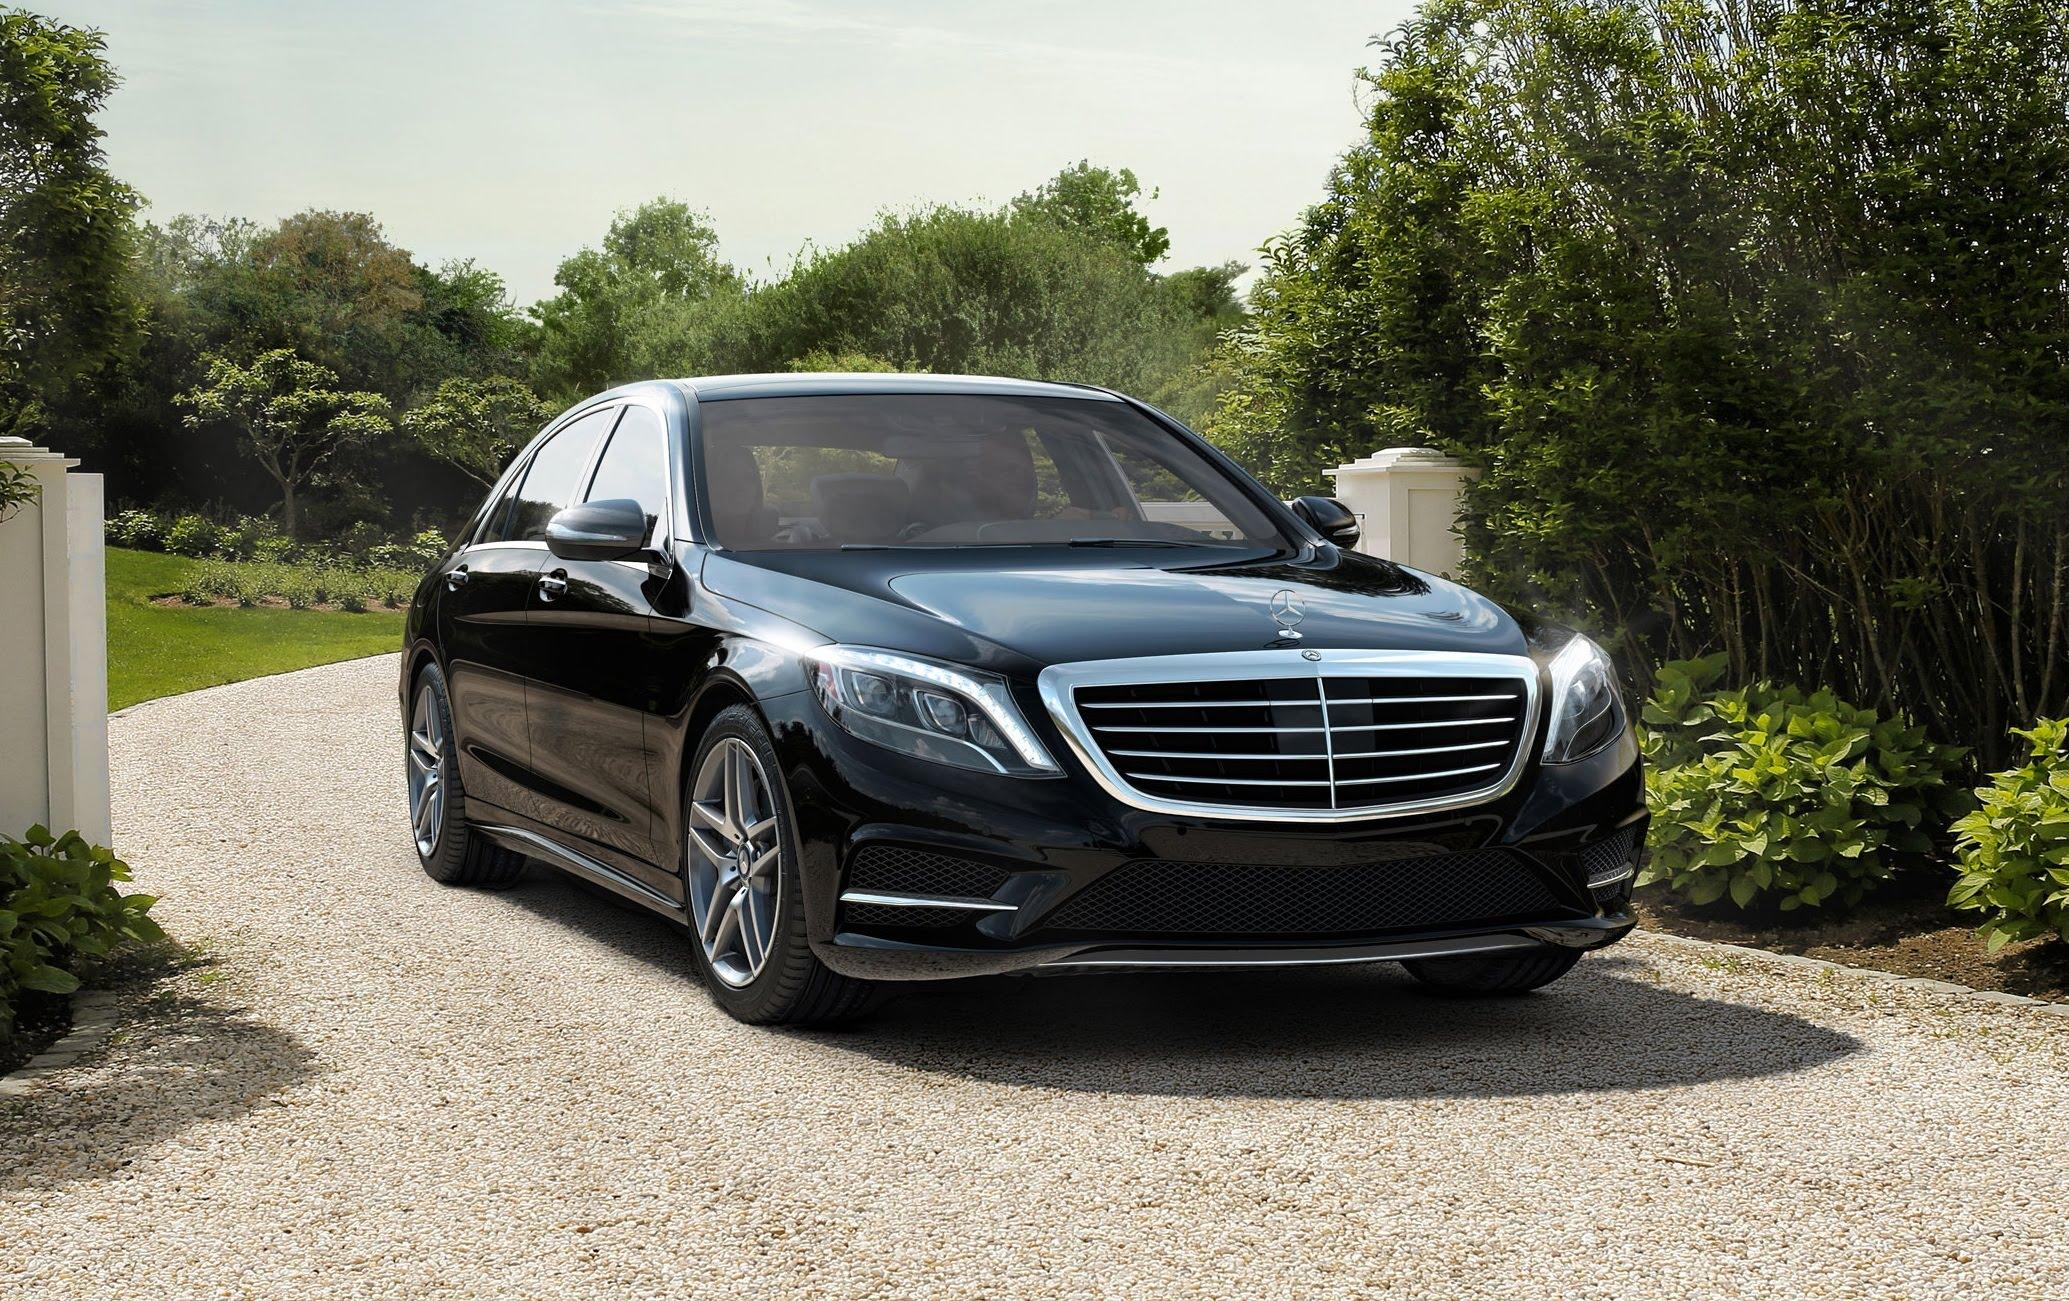 Նոր հիբրիդային Mercedes-Benz S դասը զինված կլինի անլար լիցքավորման համակարգով